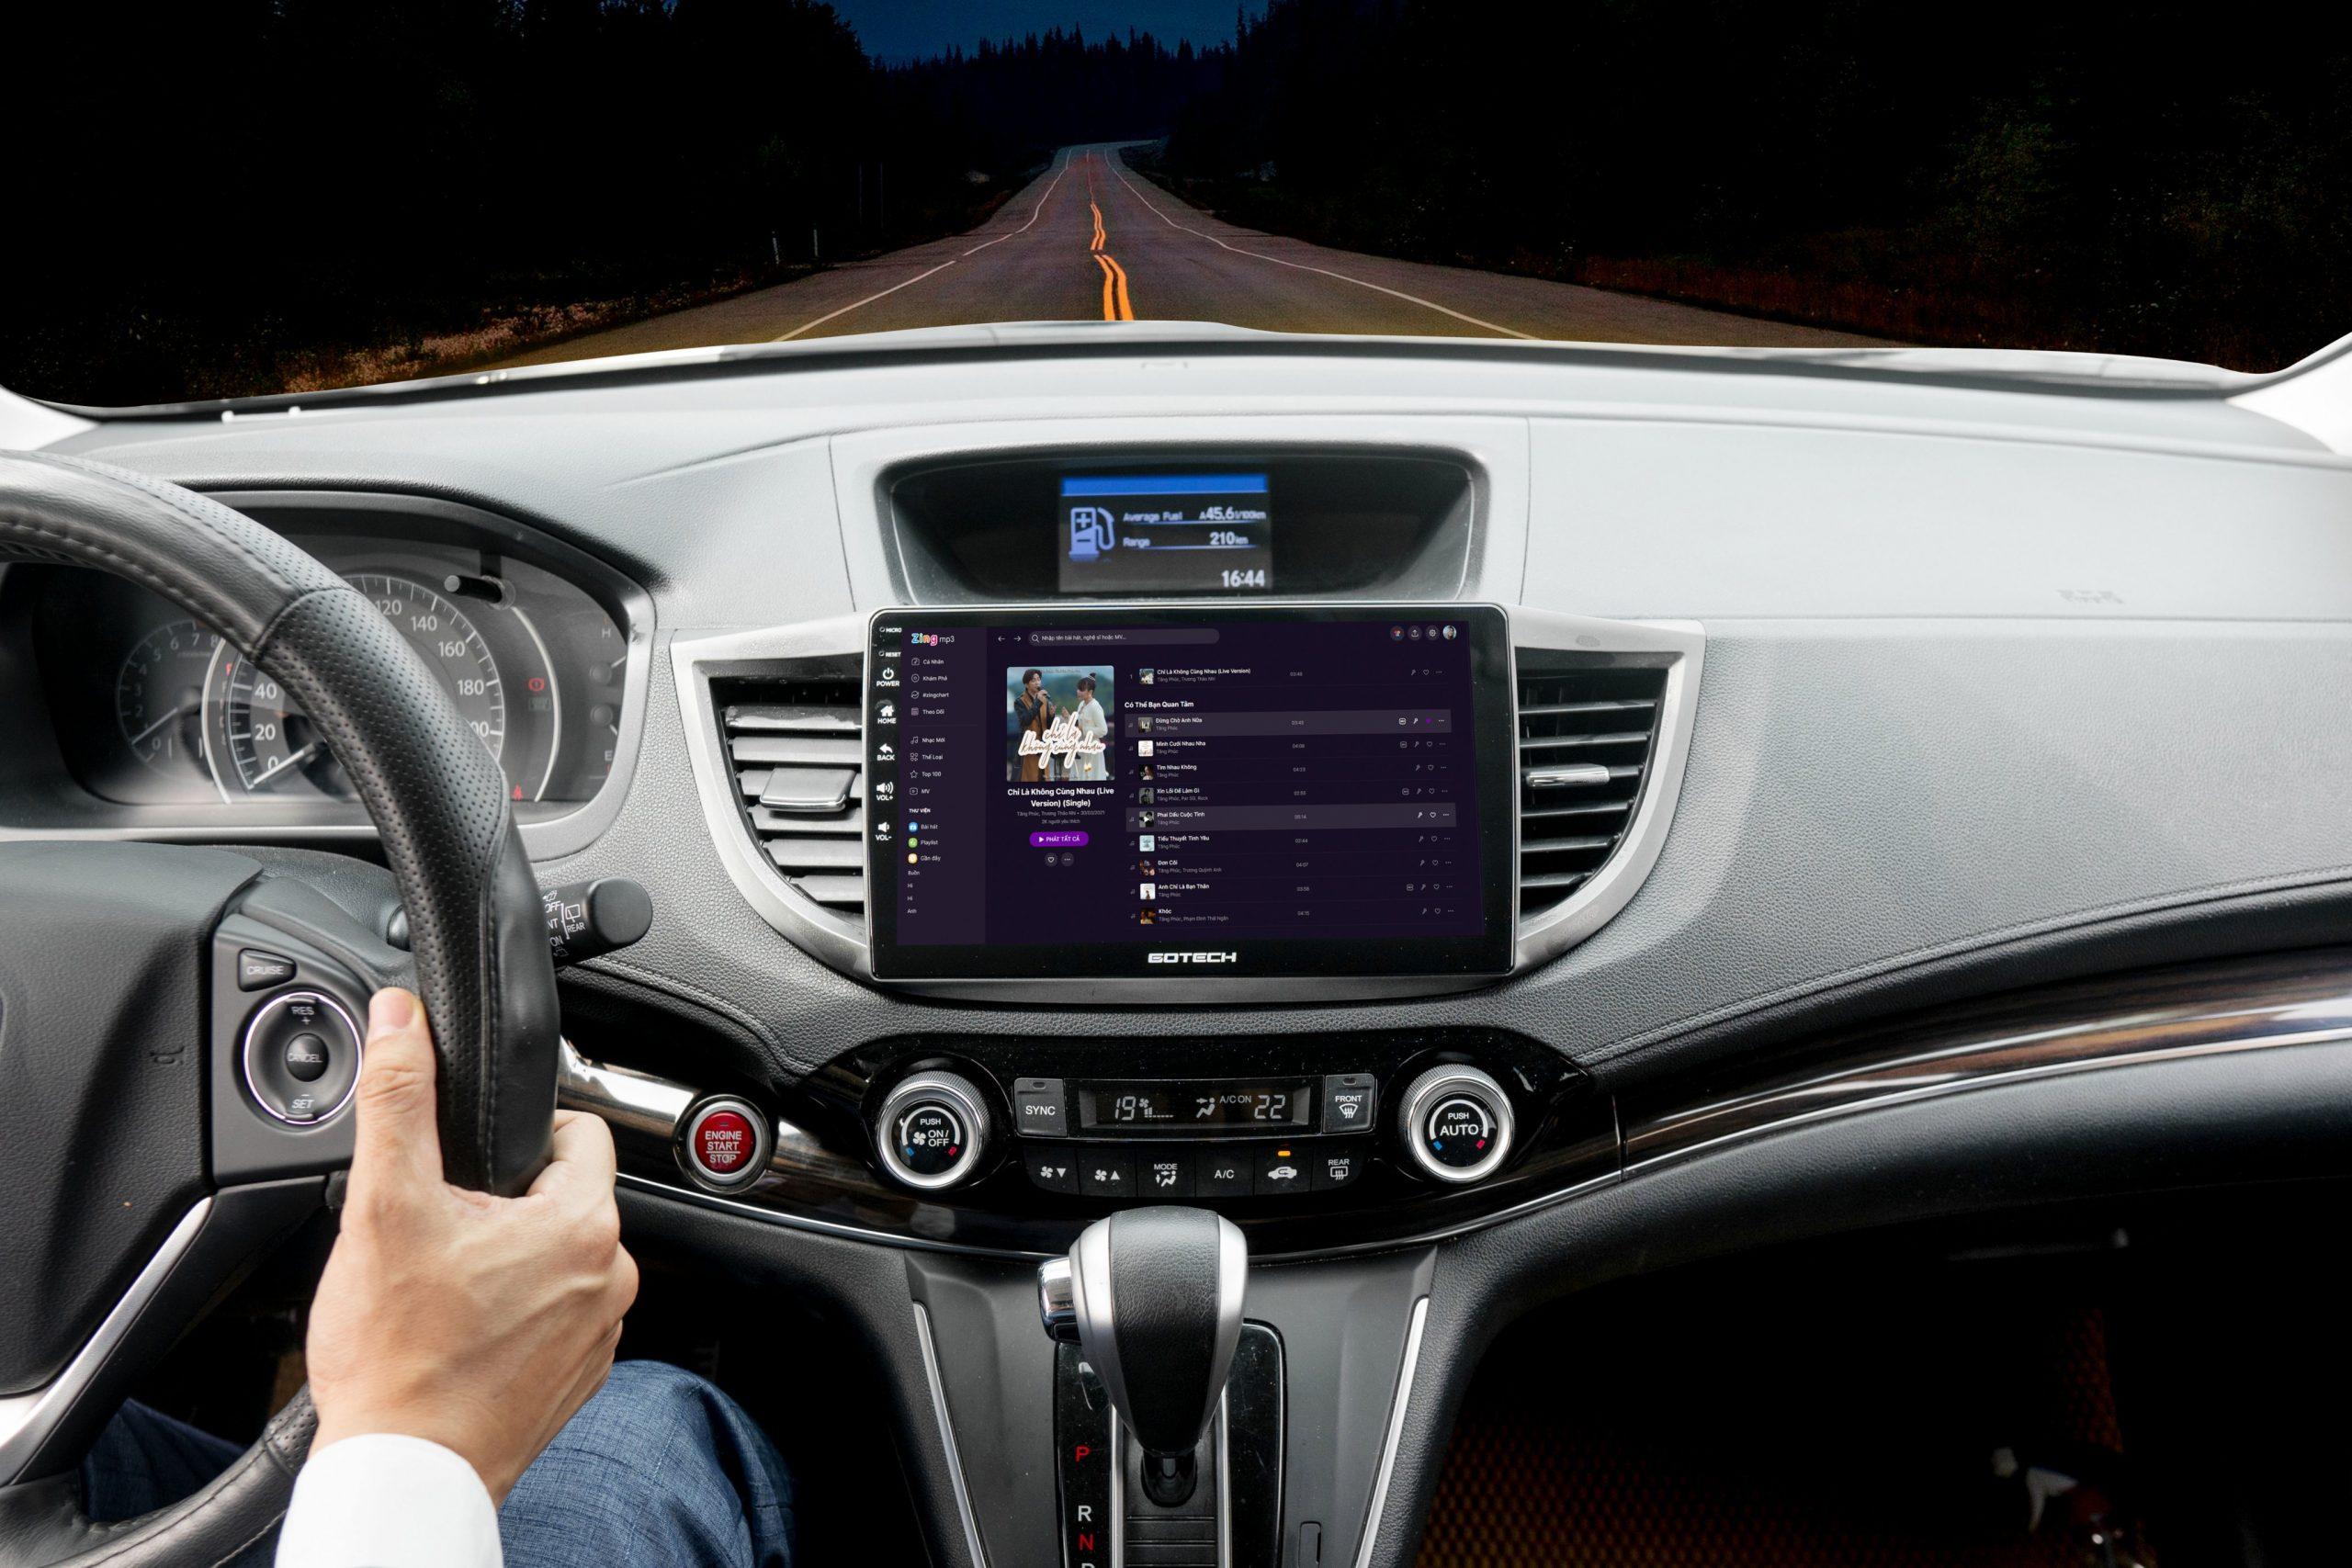 Nghe nhạc giúp tỉnh táo khi lái xe vào ban đêm.